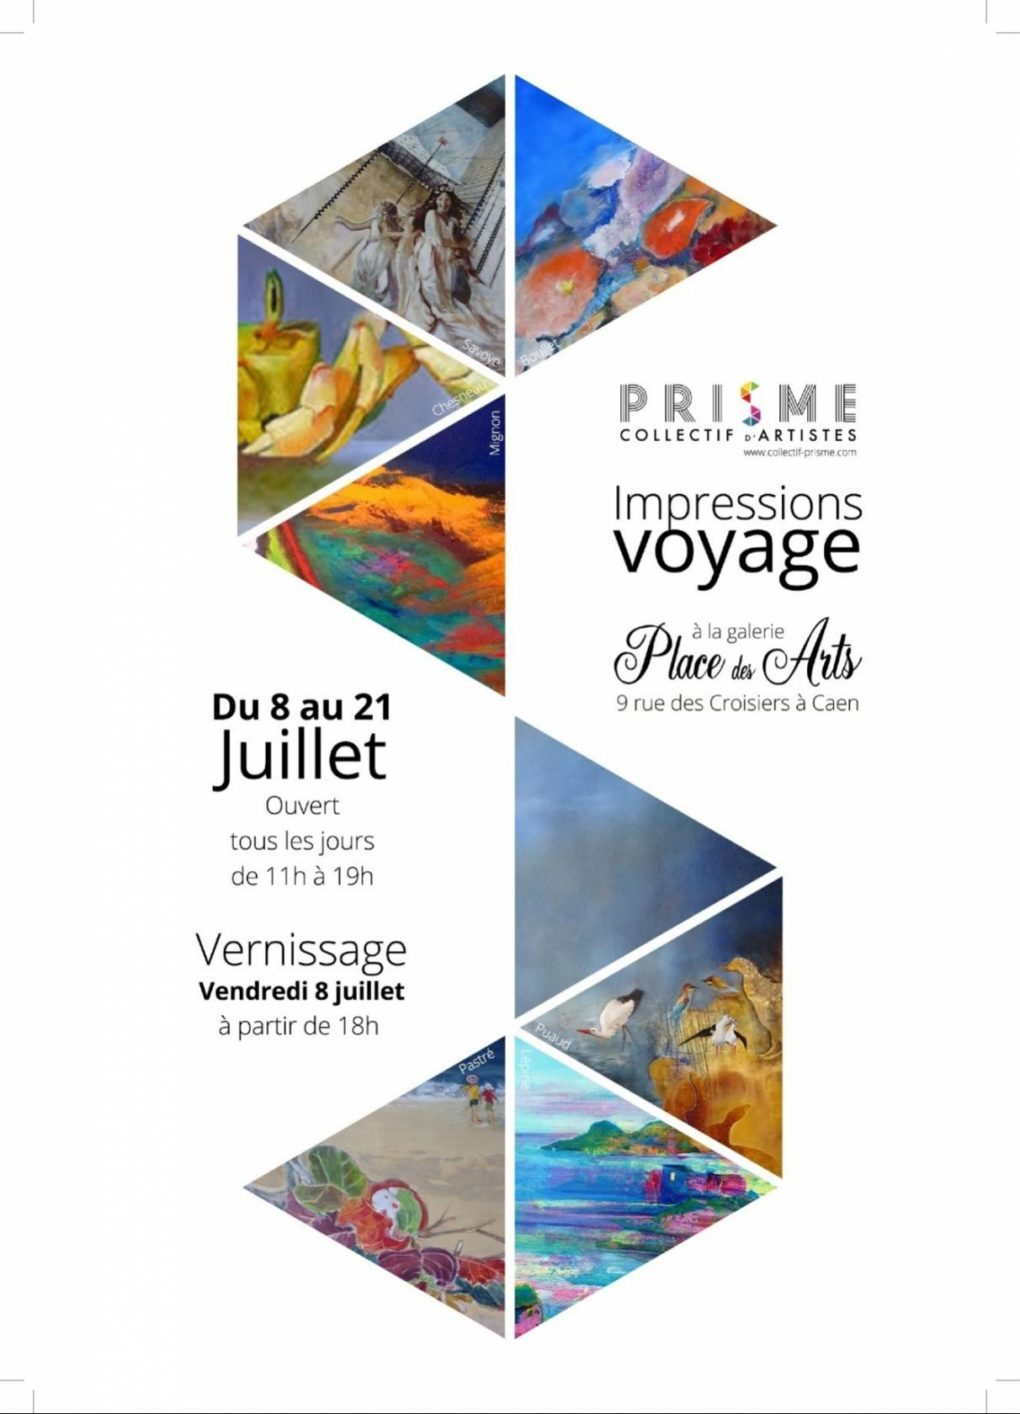 Impression Voyages Caen